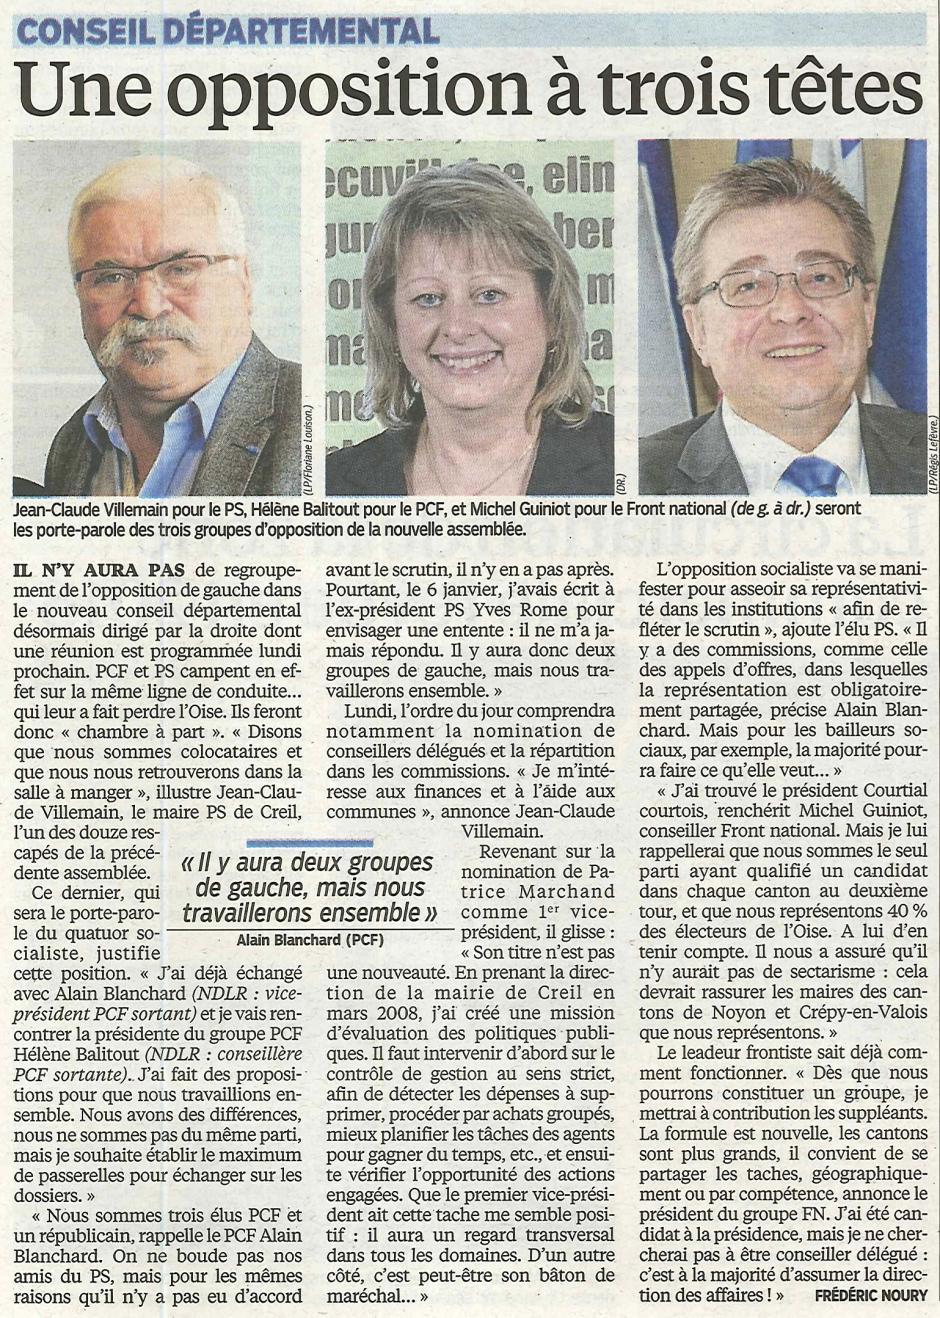 20150415-LeP-Oise-Conseil départemental : une opposition à trois têtes